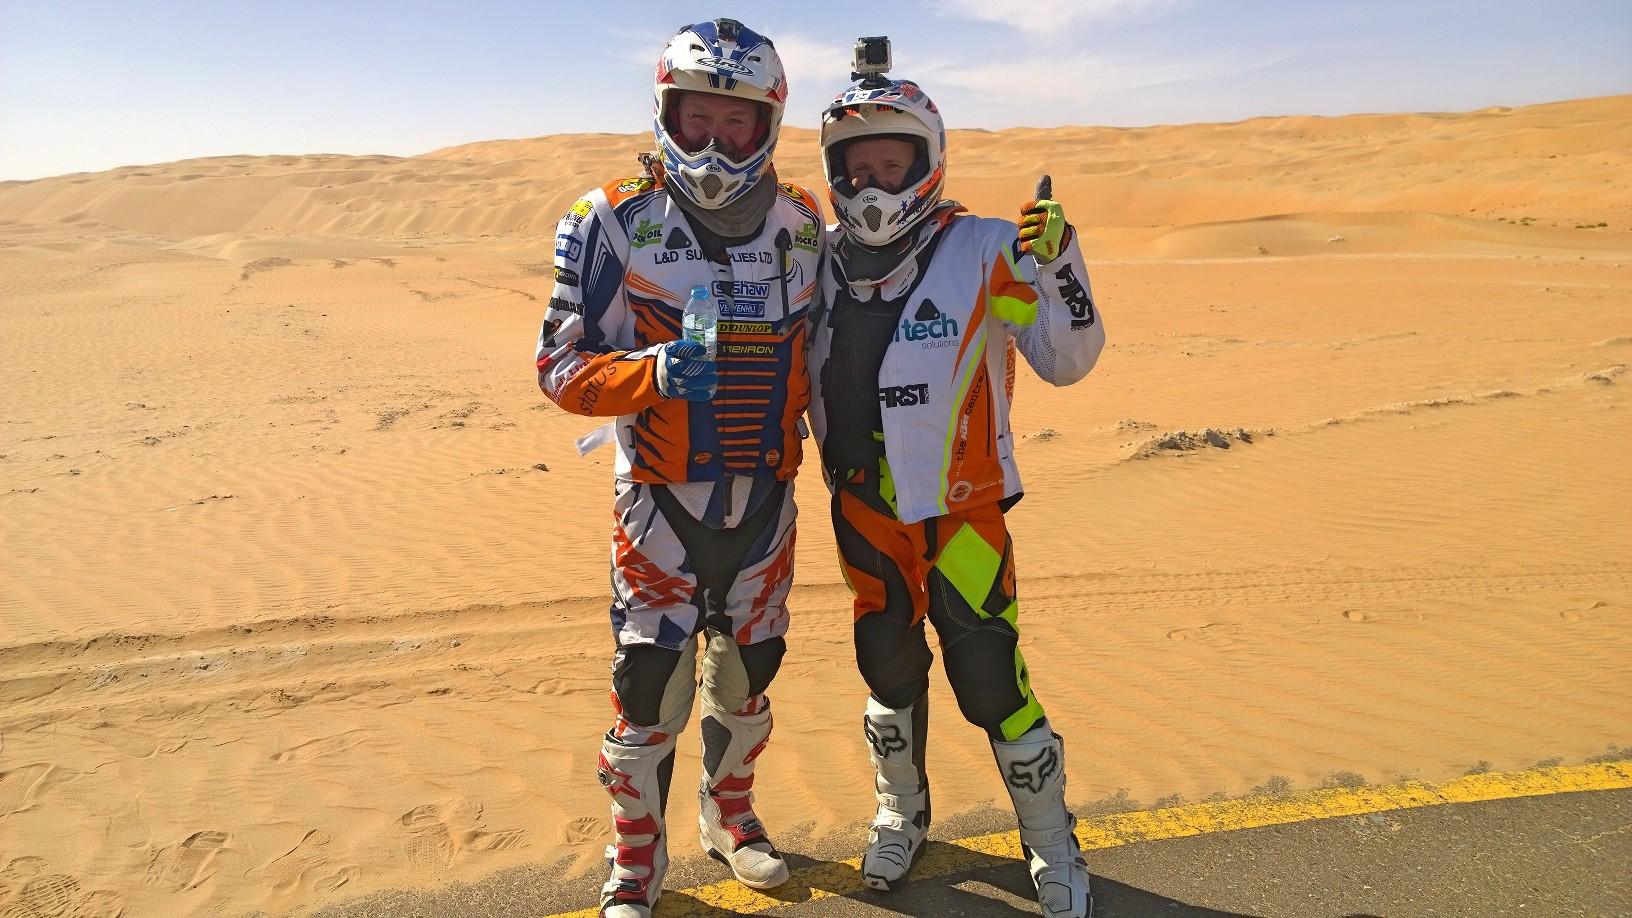 Abu Dhabi Desert Challenge 2015 Yamaha WR450F Rally 33